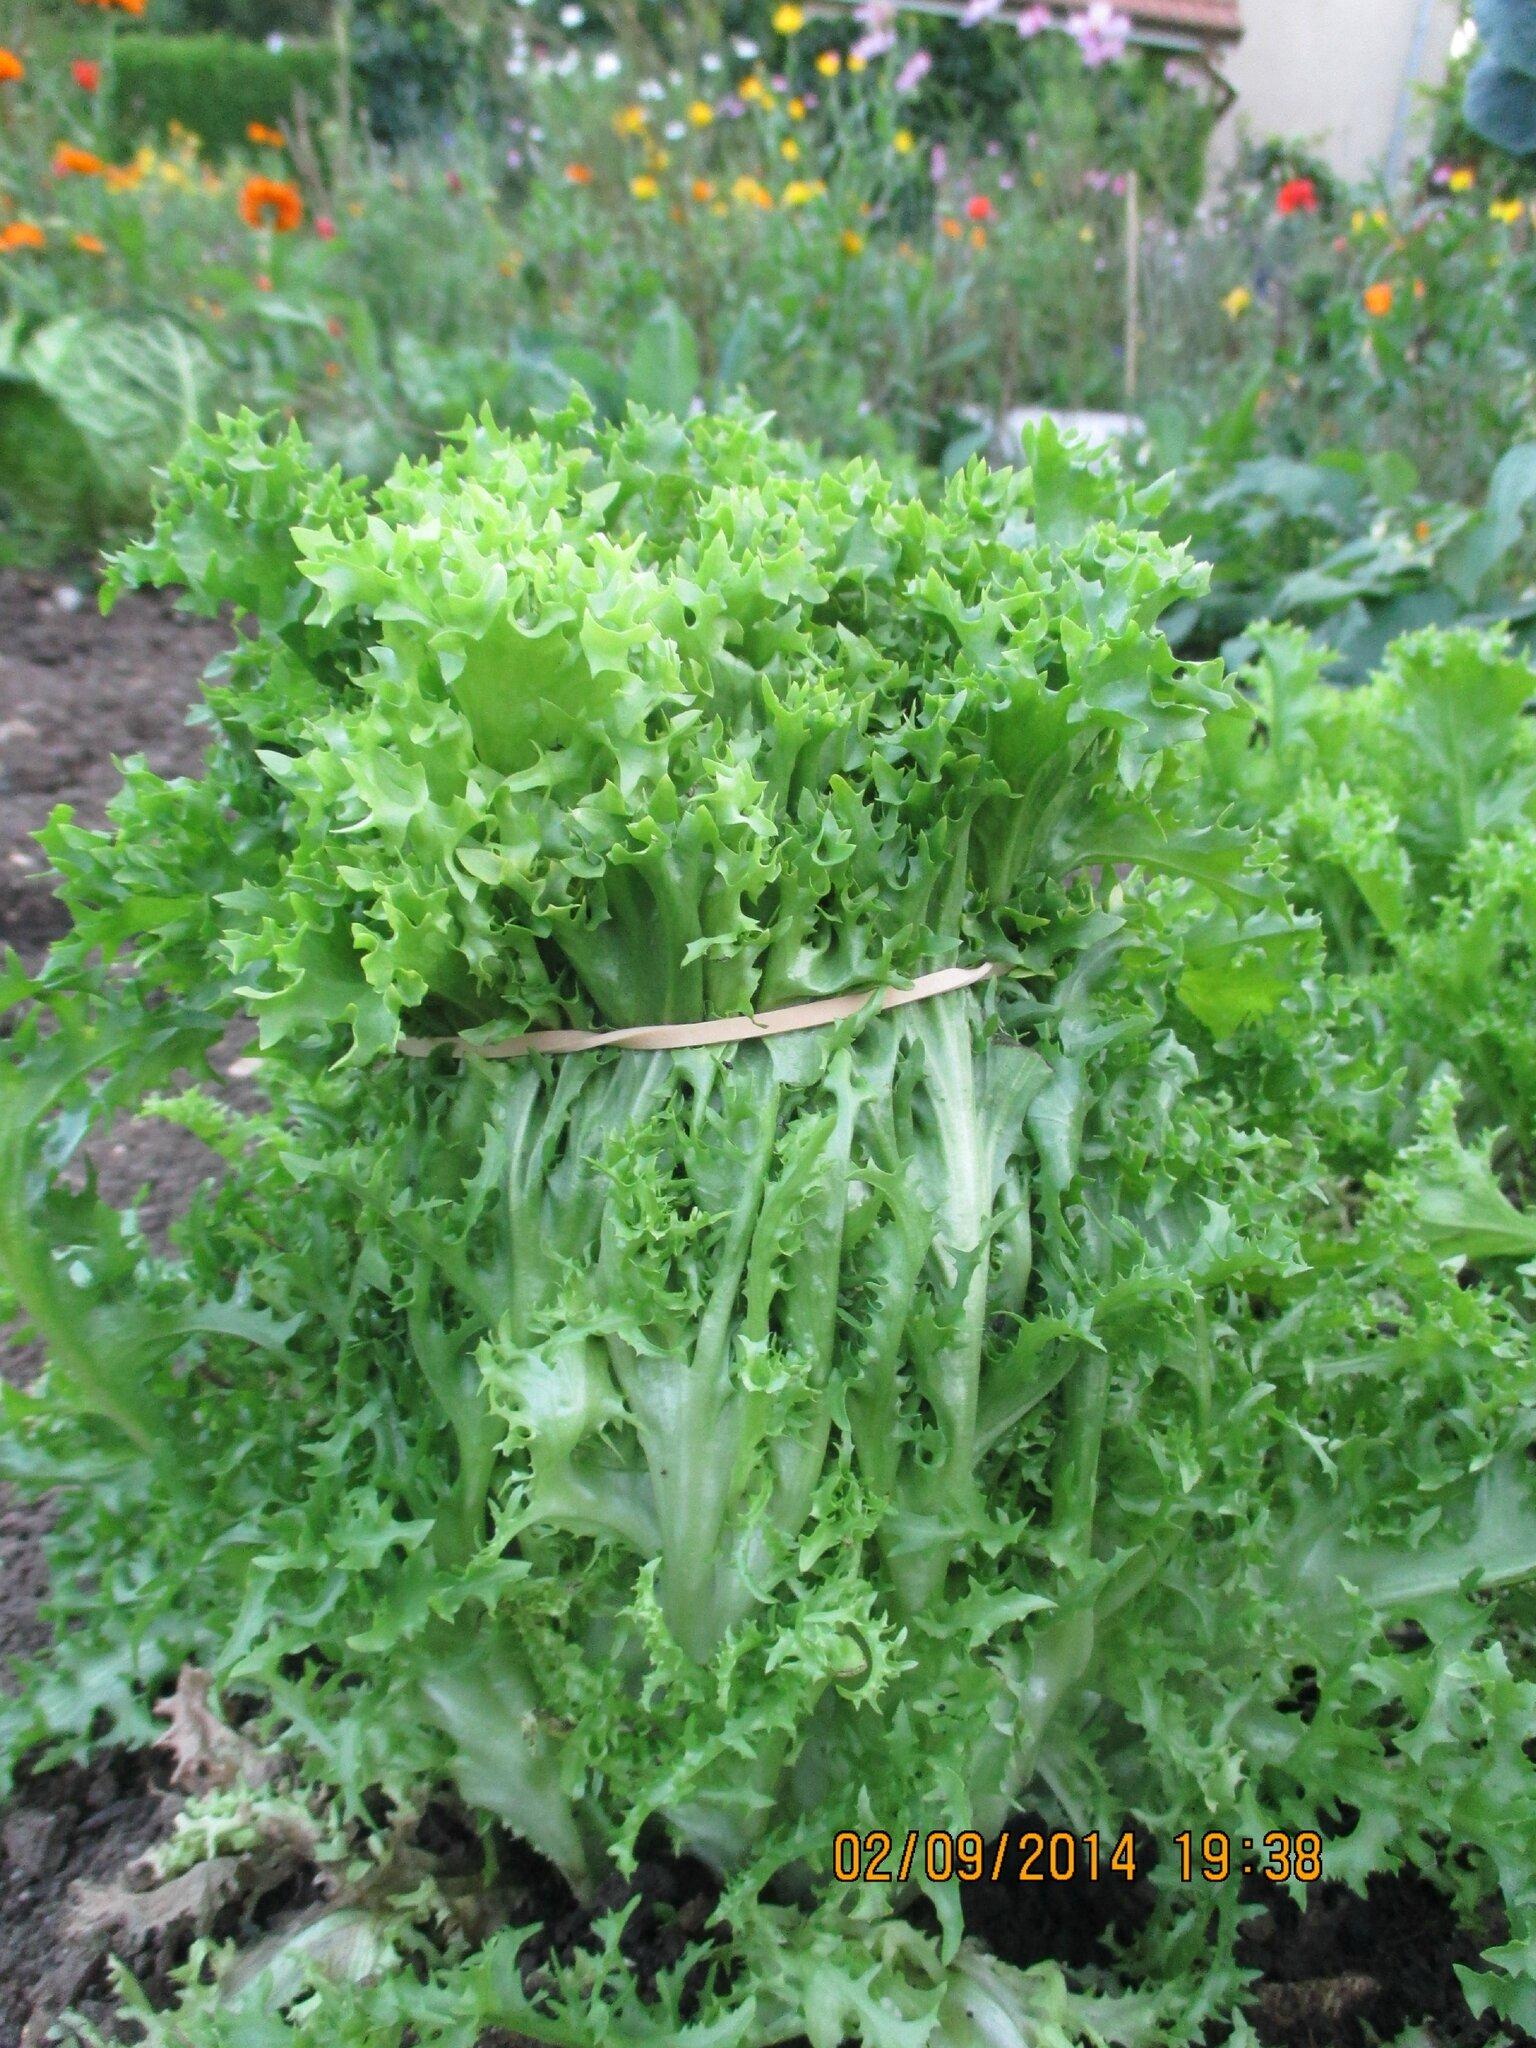 """un p'tit chignon à mes salades,elles seront bien tendres au milieu d'ici quelque temps! prenez soin de vous bon"""" apm"""""""